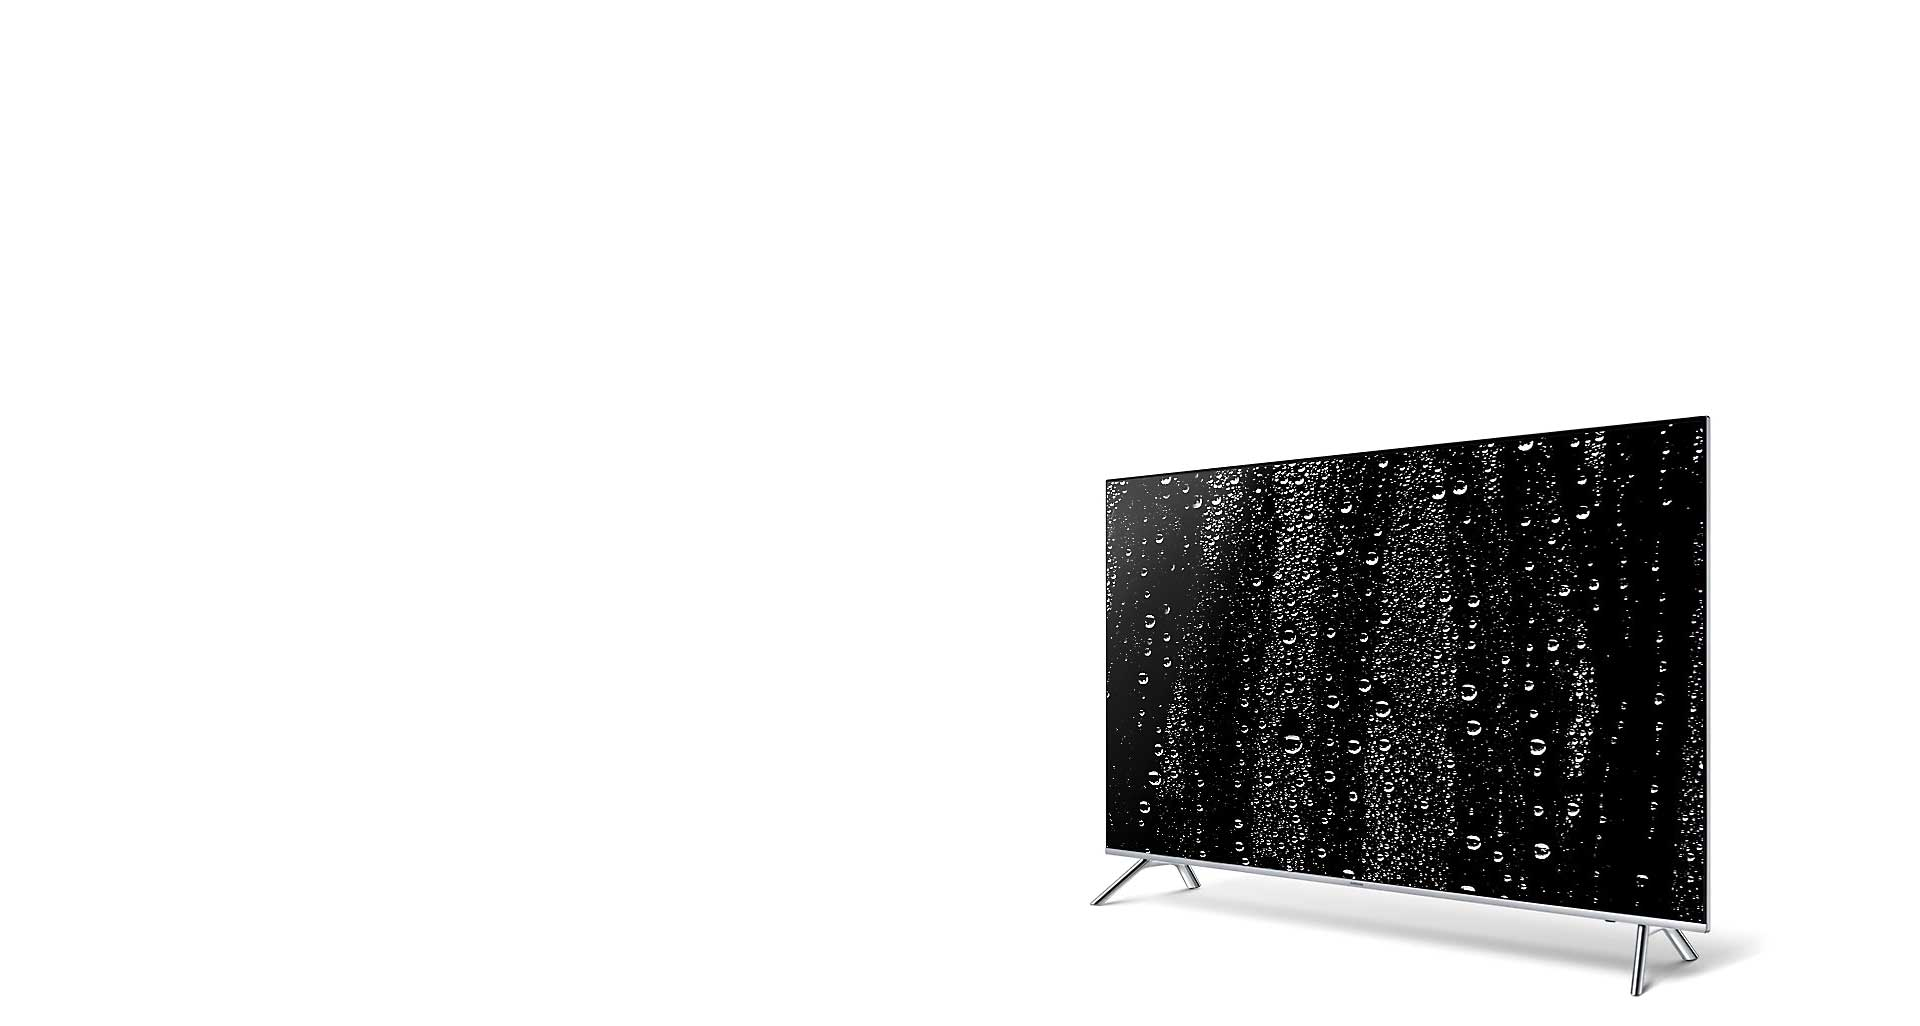 قیمت تلویزیون nu8900